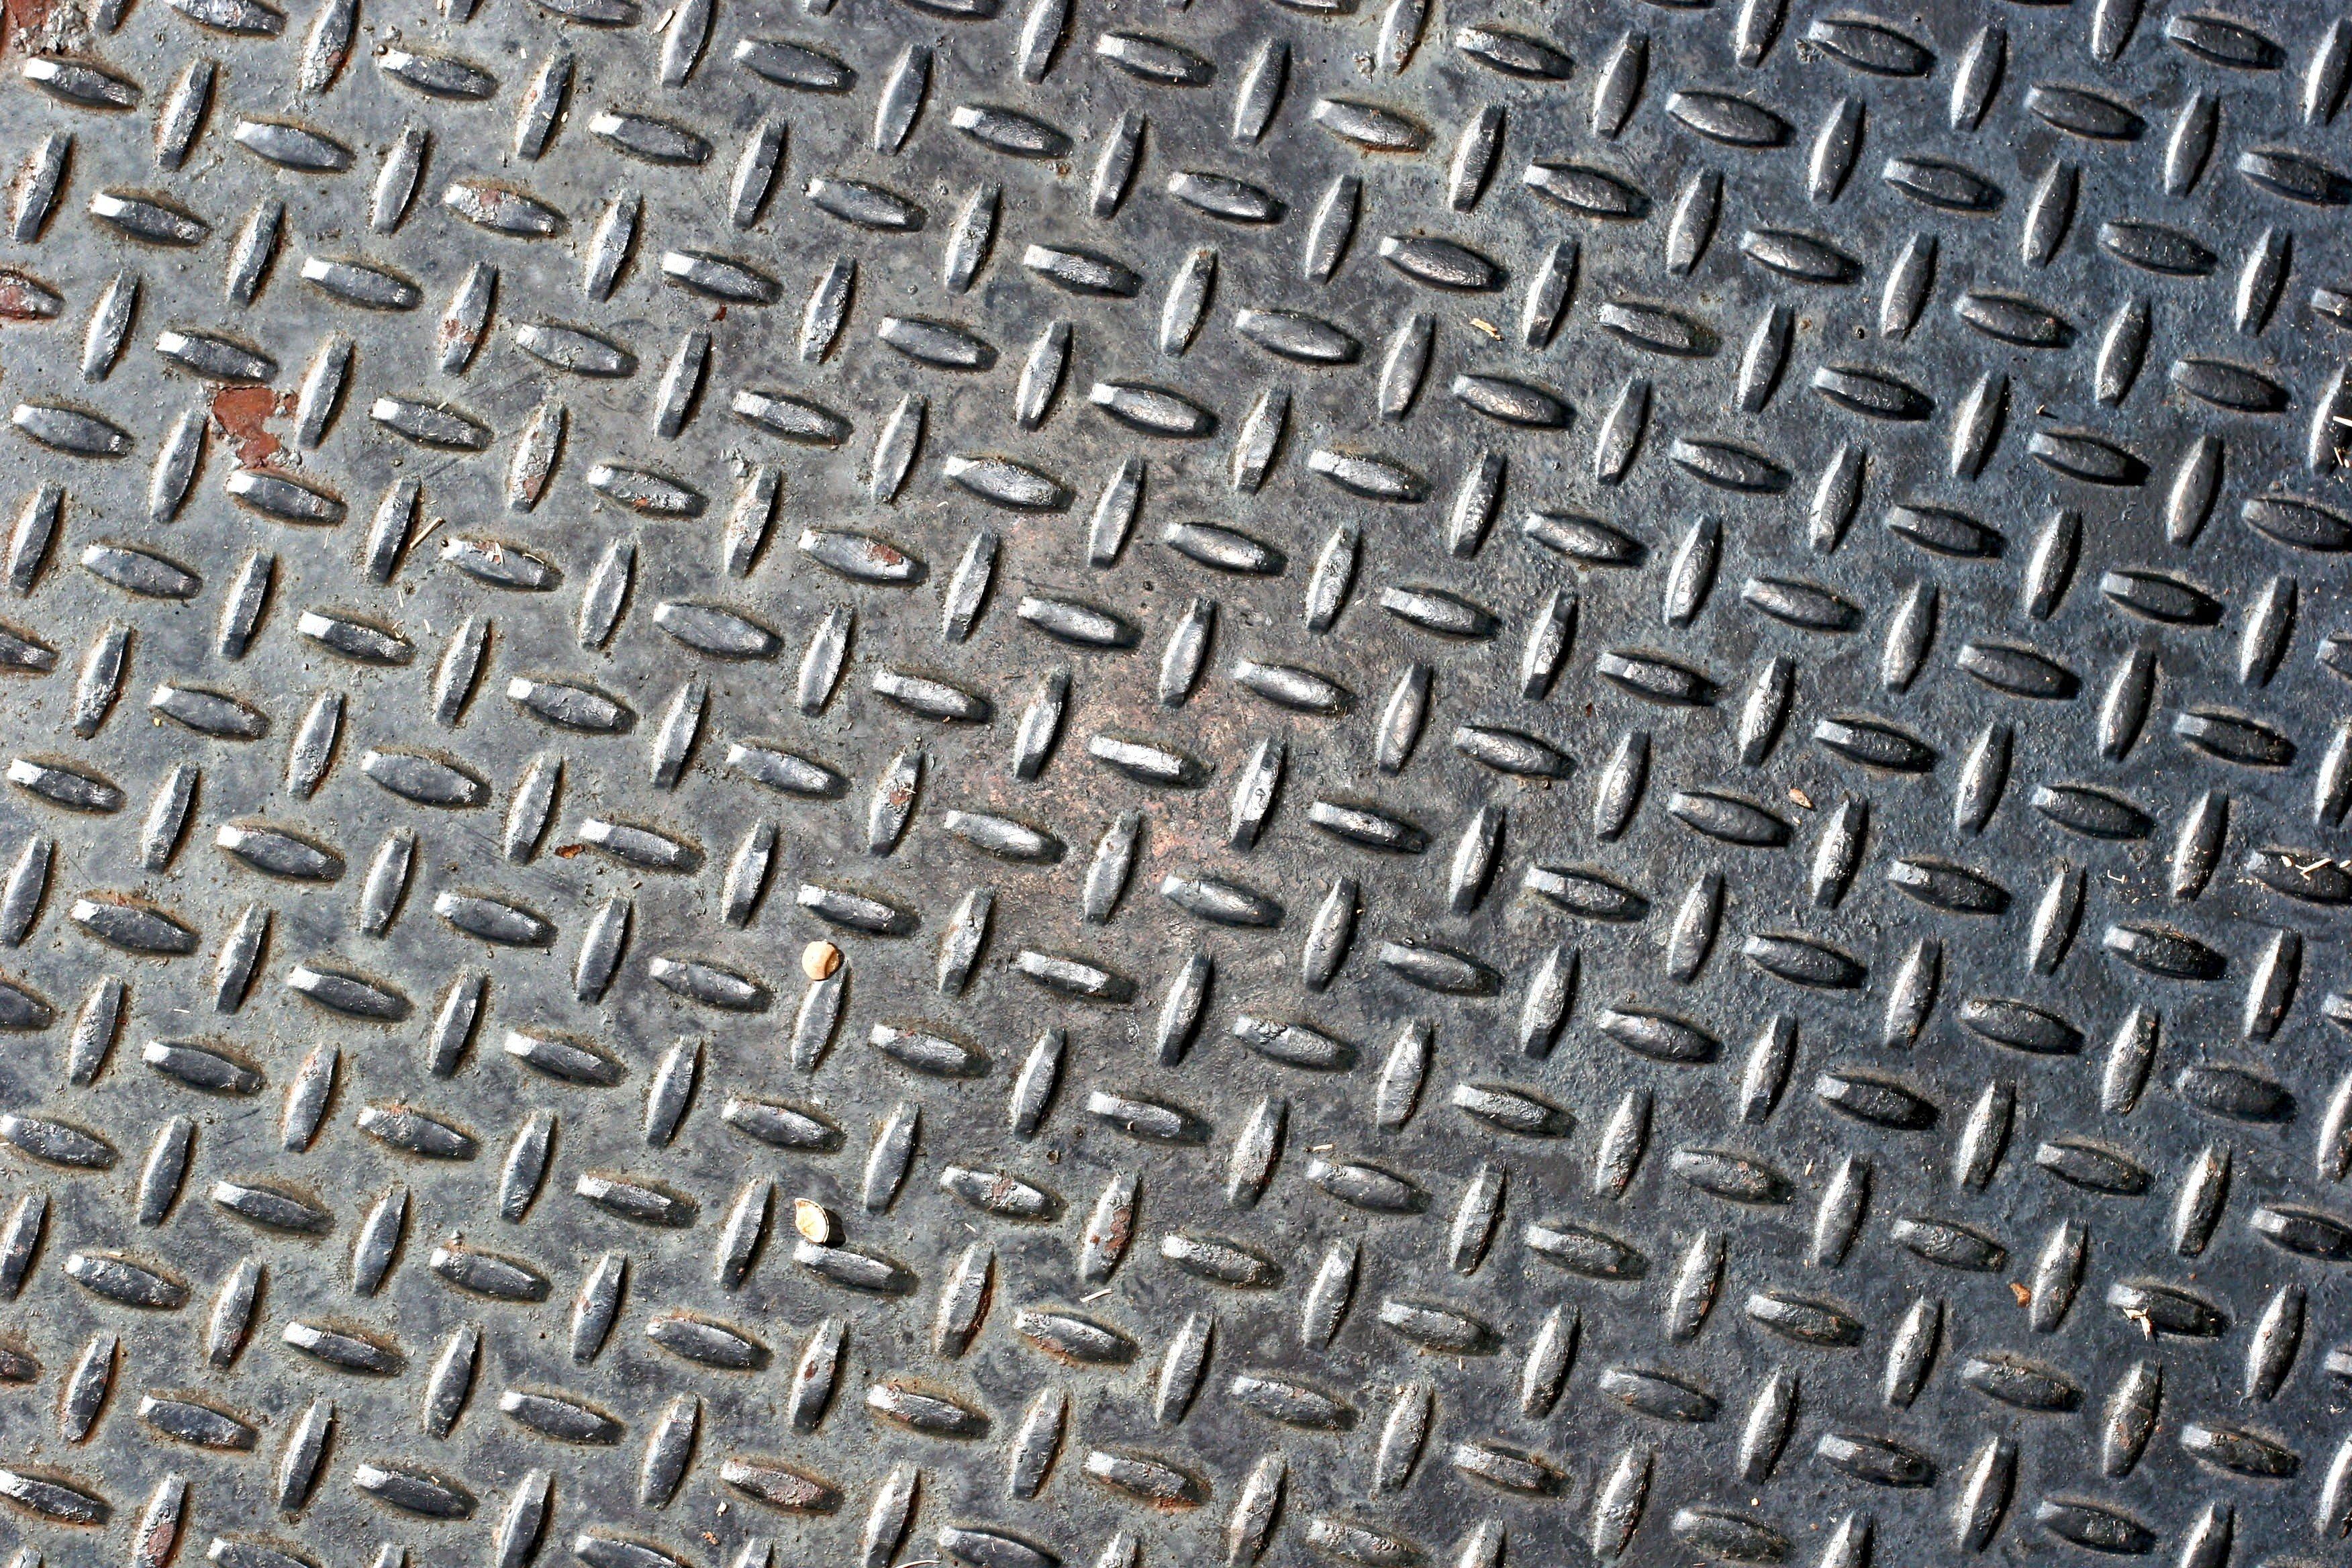 Fondos de pantalla Textura Metálica